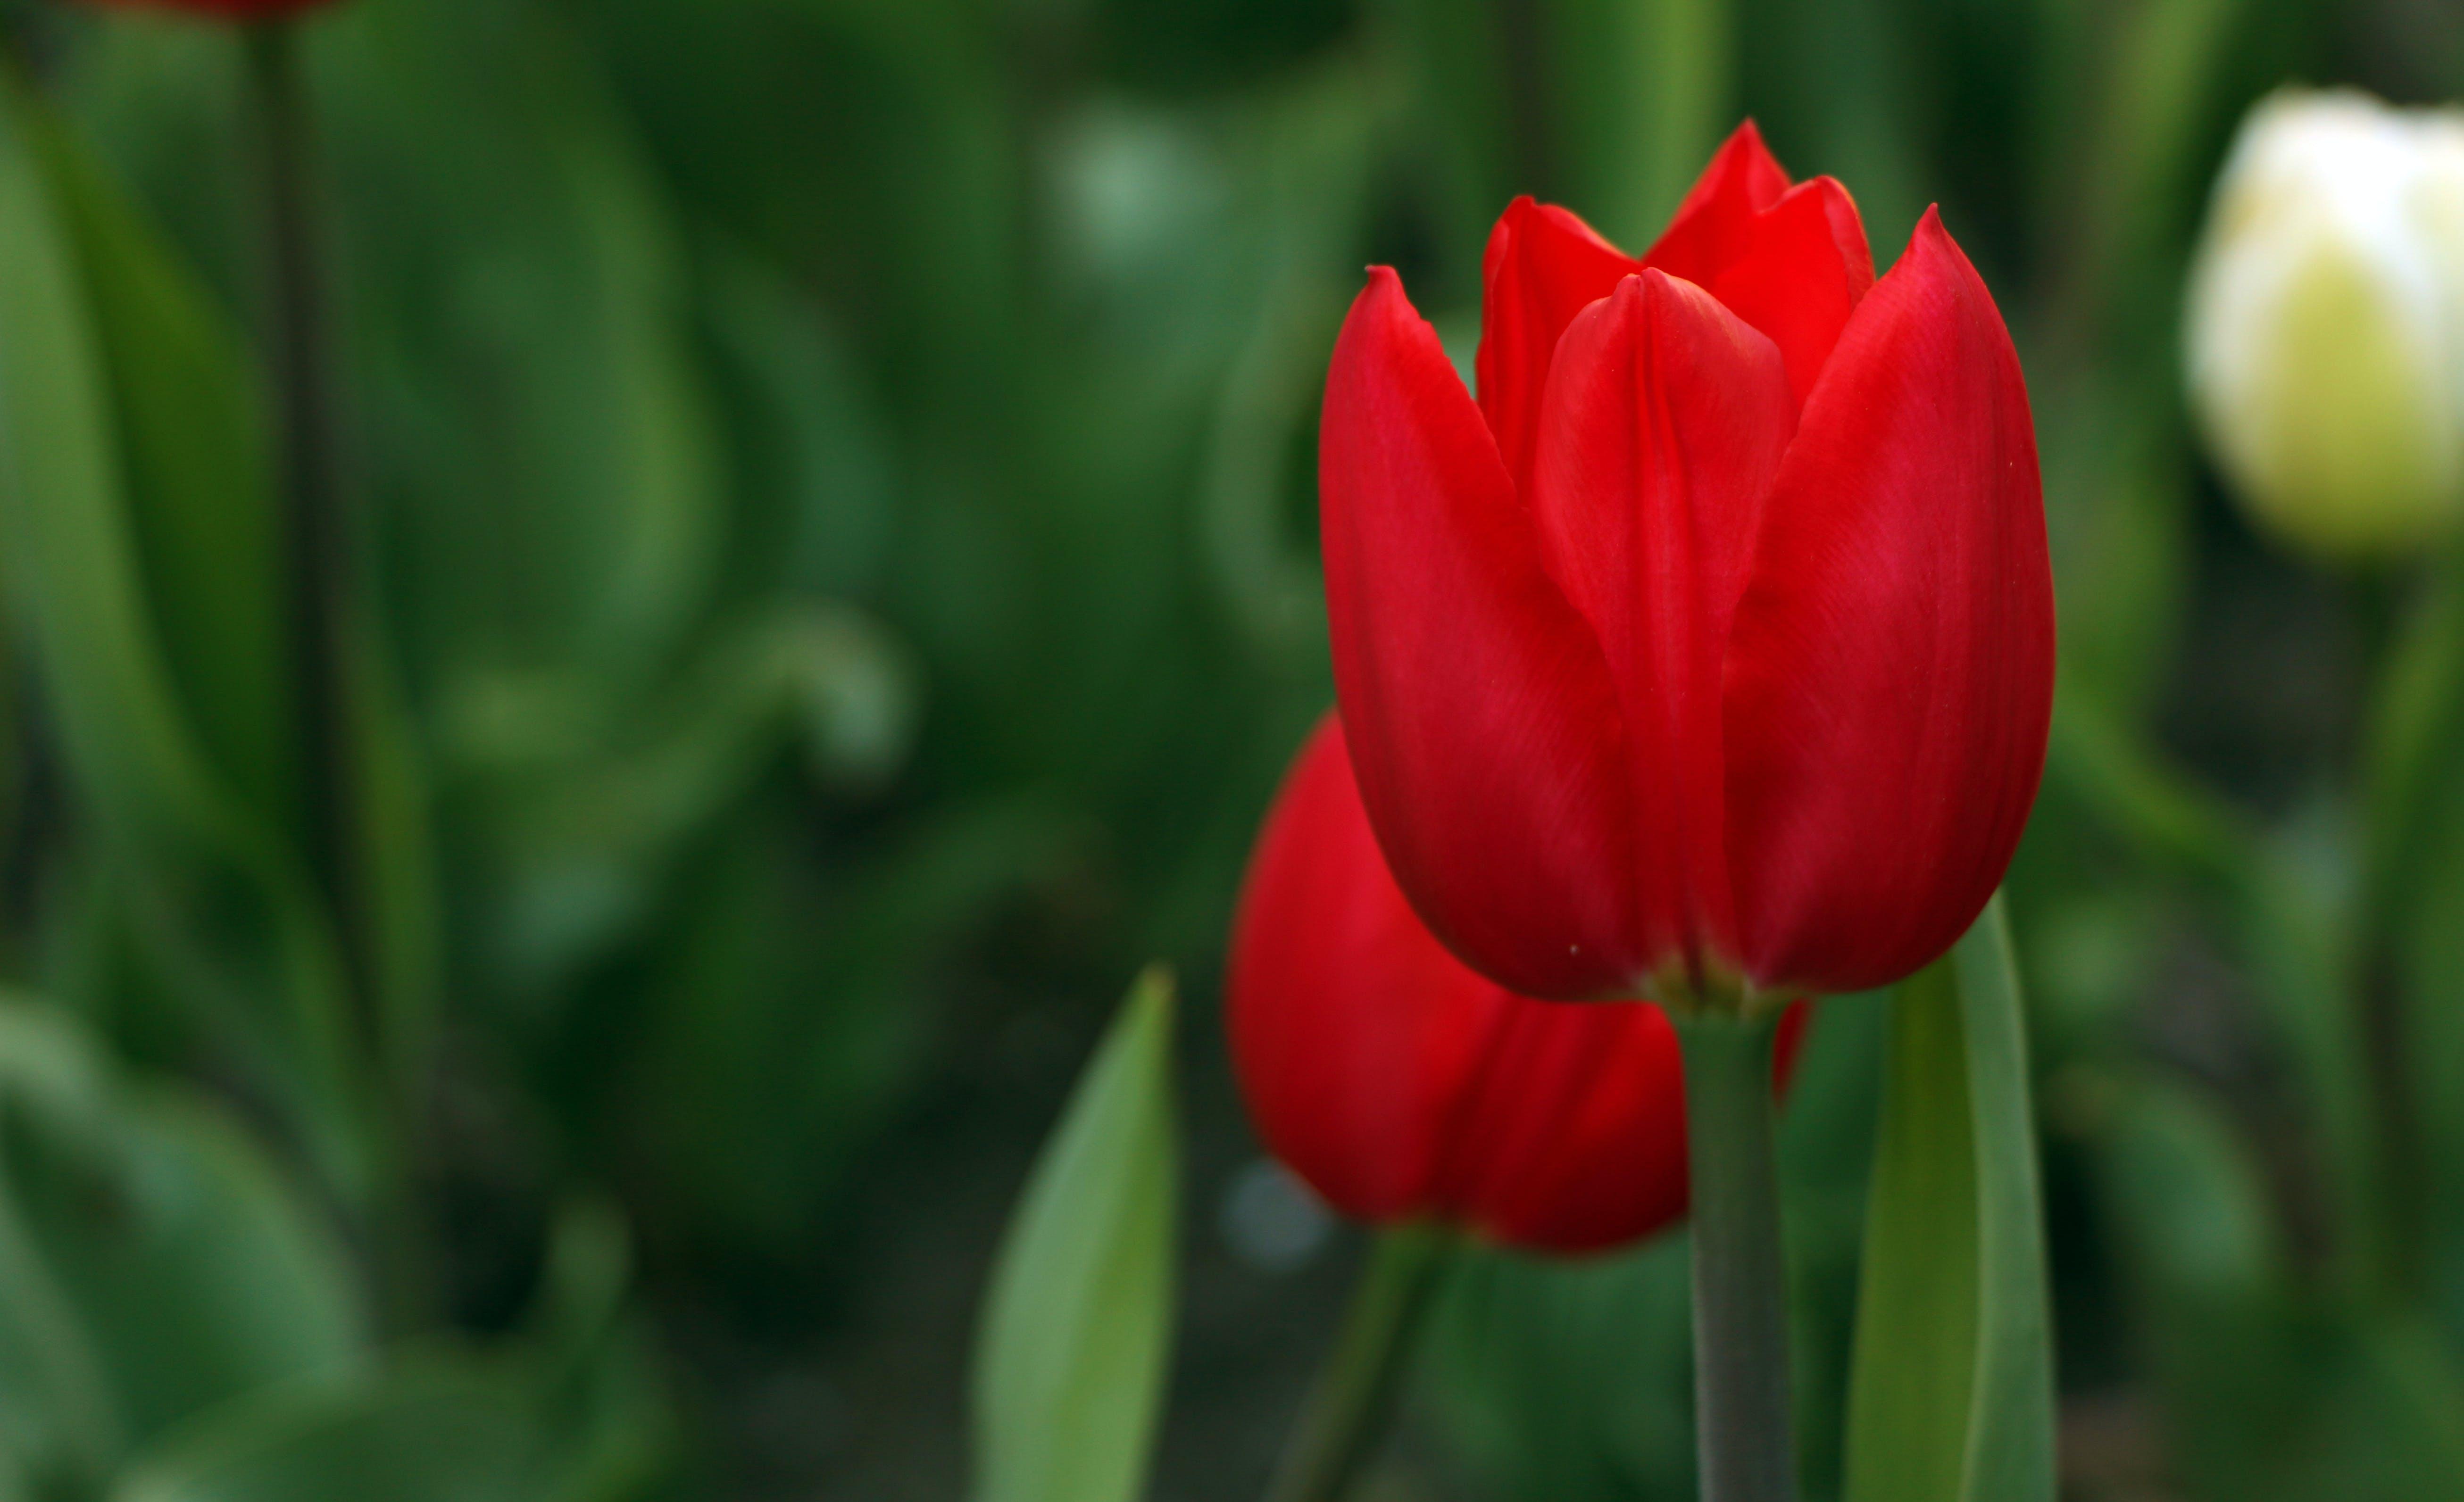 대자연, 빨간 튤립, 아름다운 꽃, 아름다움의 무료 스톡 사진